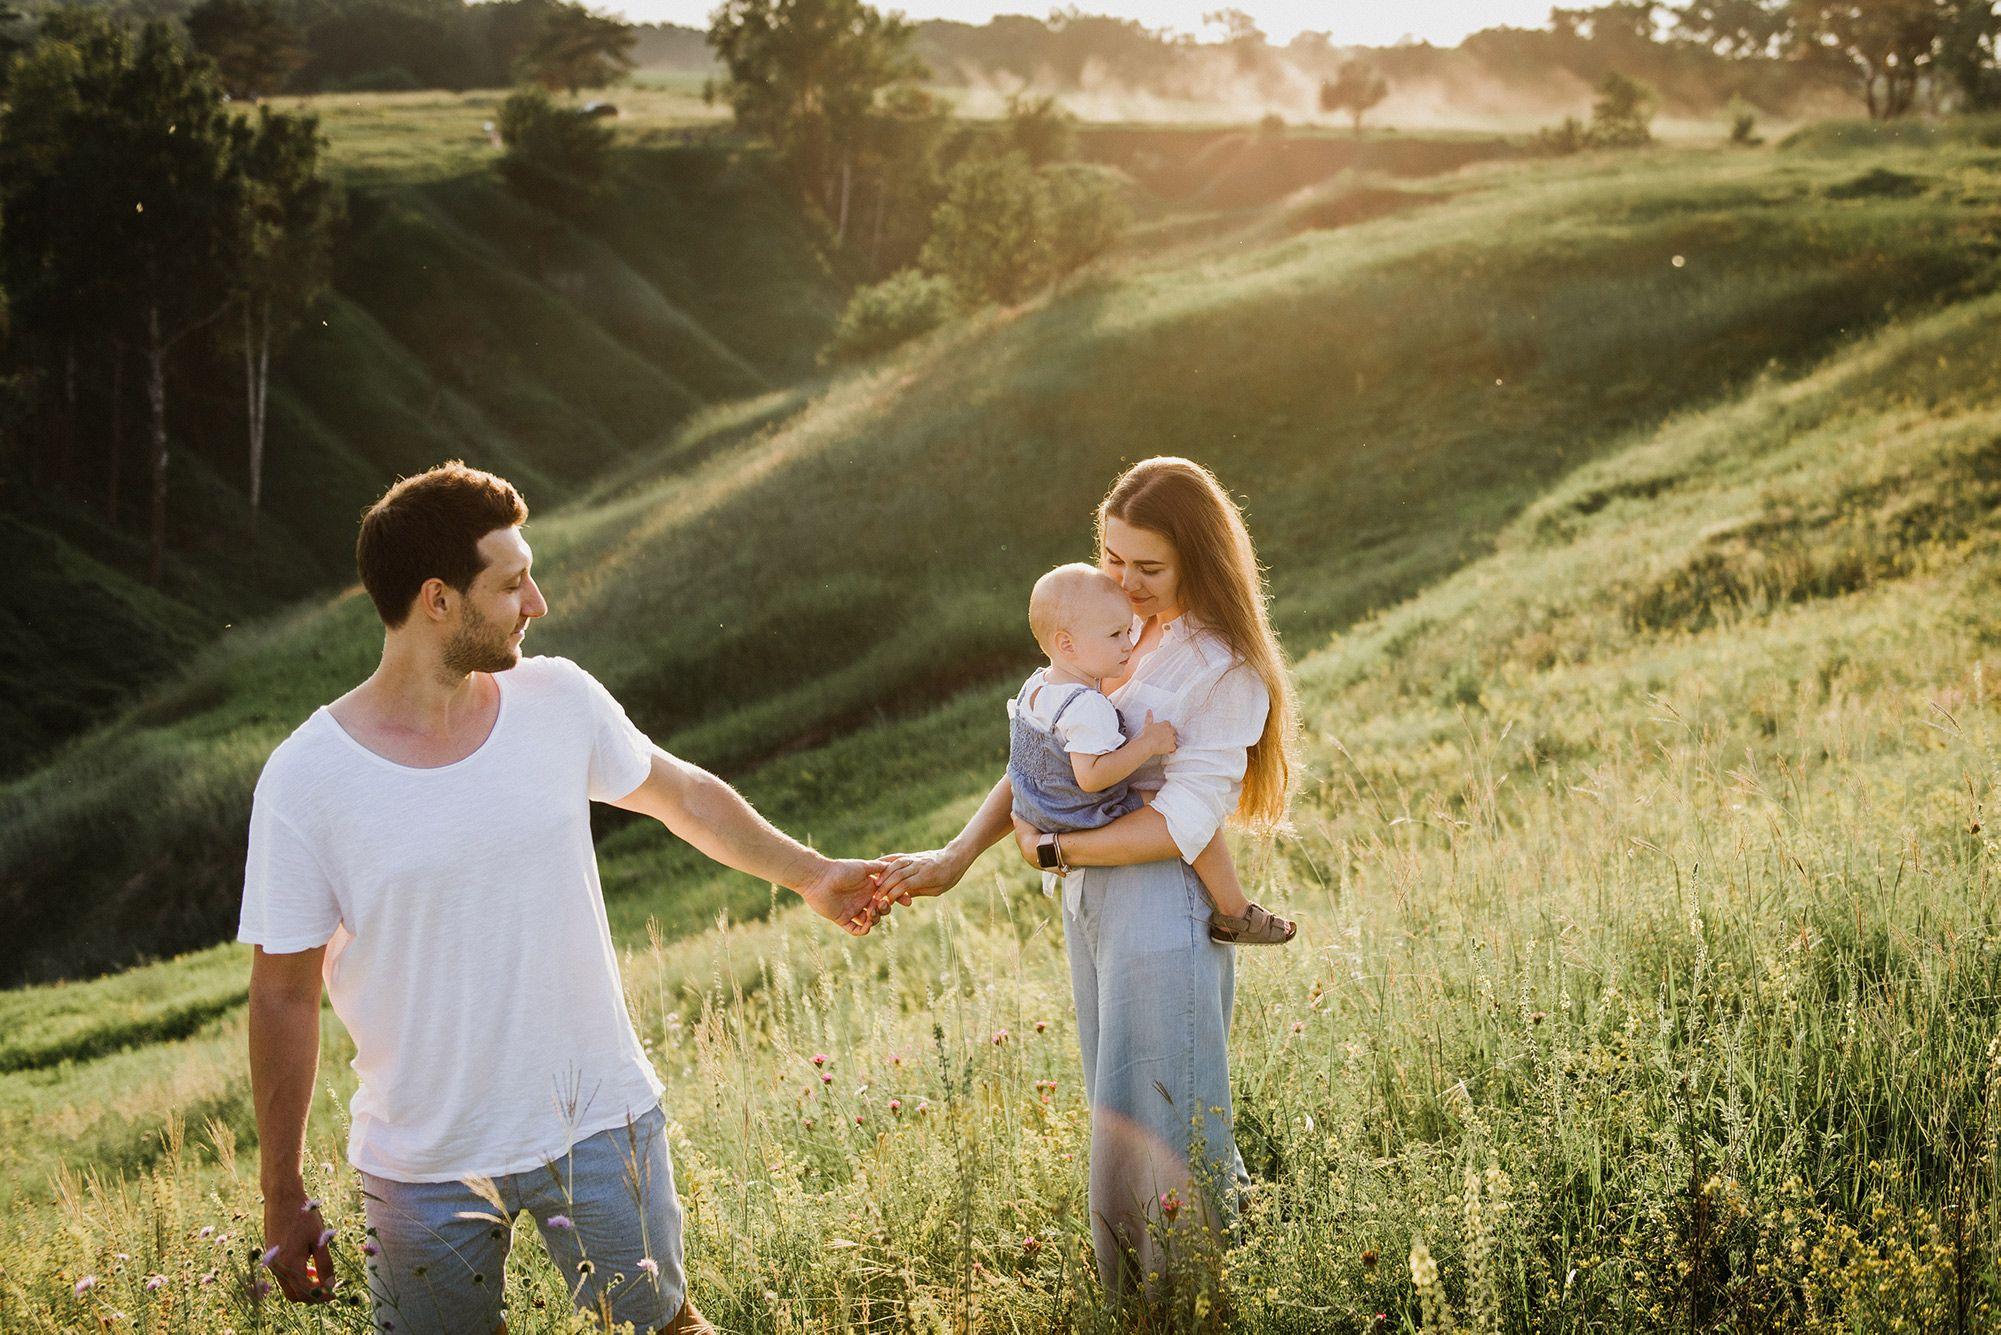 družina, plodnost in prehrana